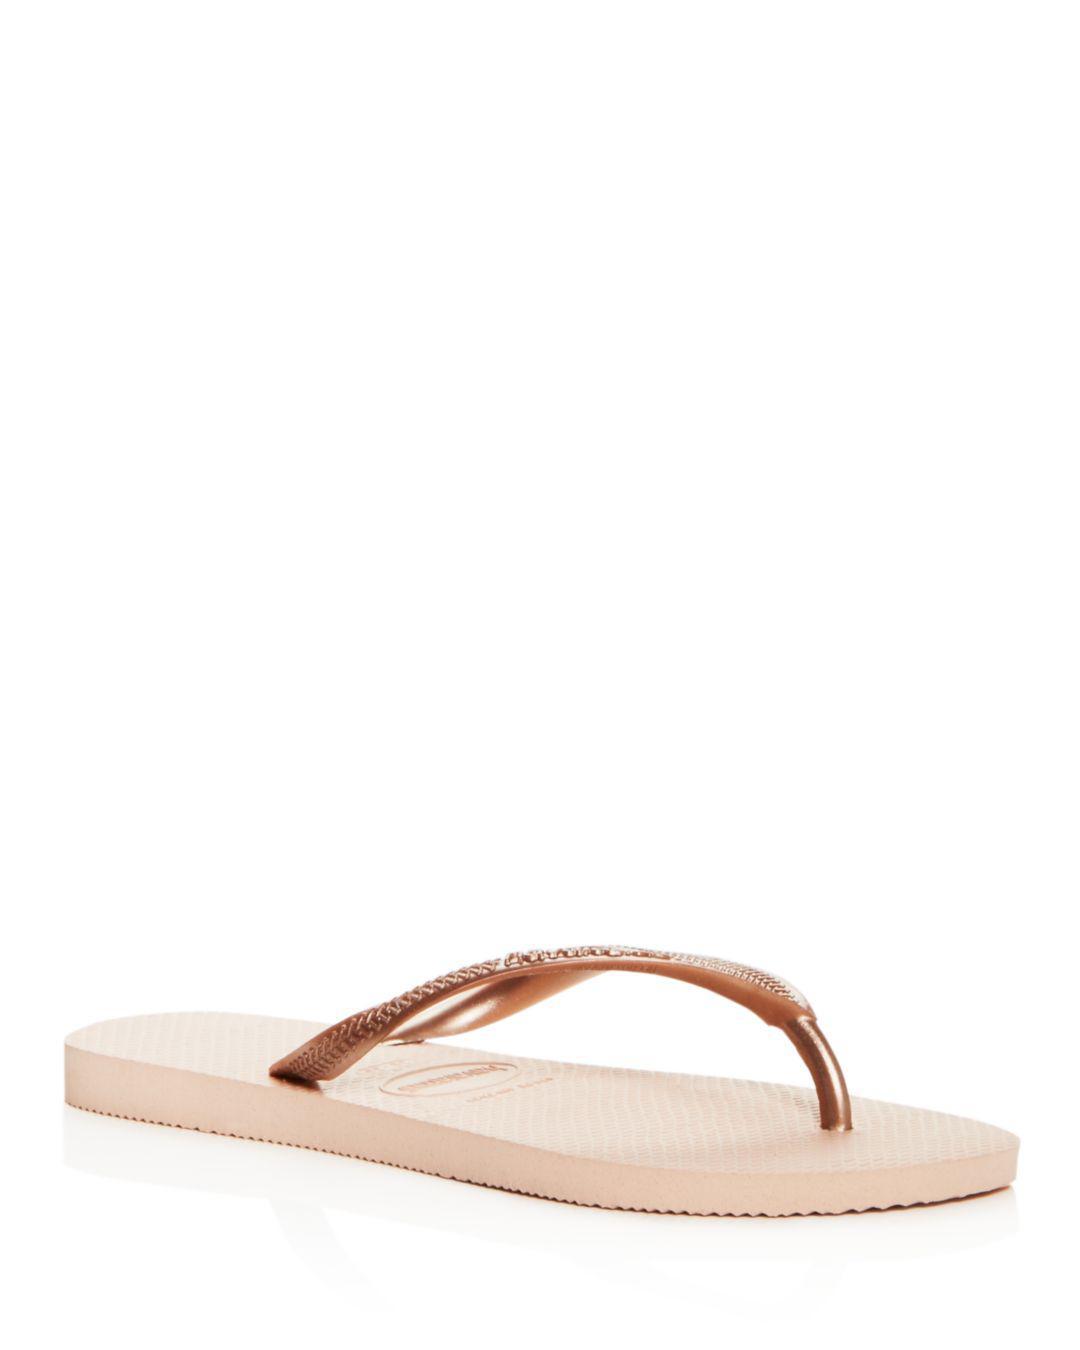 8499d2b7b34a1 Havaianas Women s Slim Flip-flops in Pink - Lyst